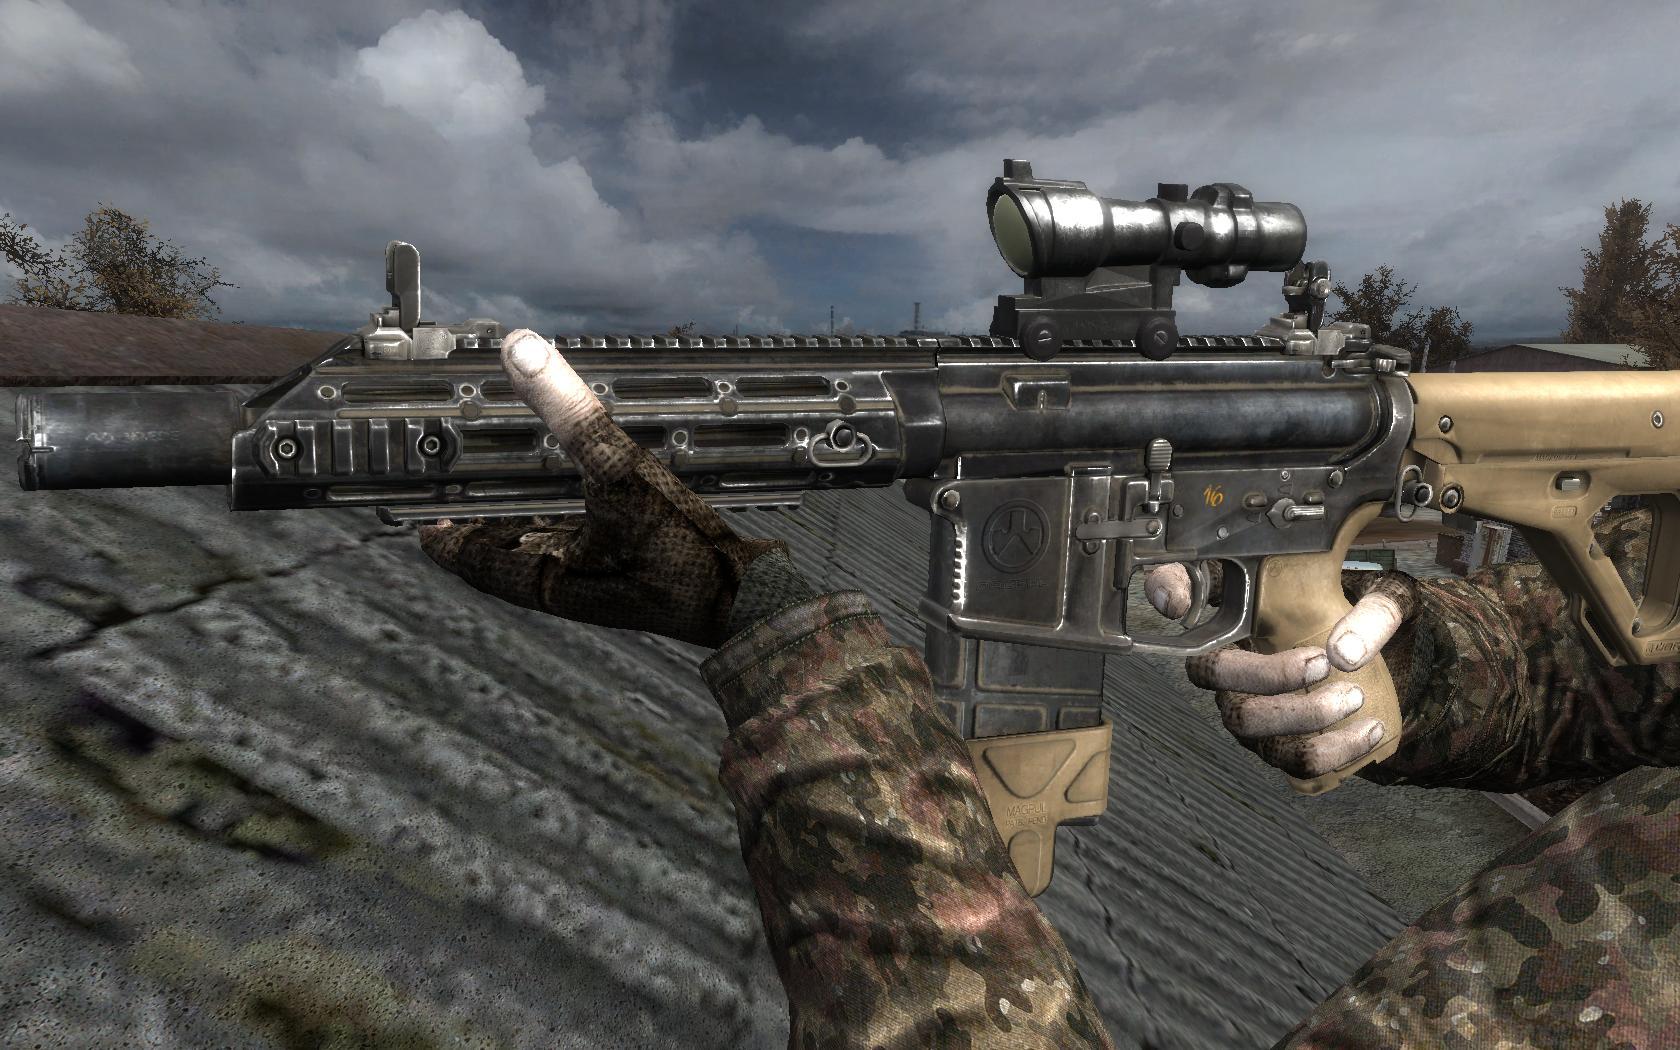 AKS74U low finished image - L.U.R.K. mod for S.T.A.L.K.E.R